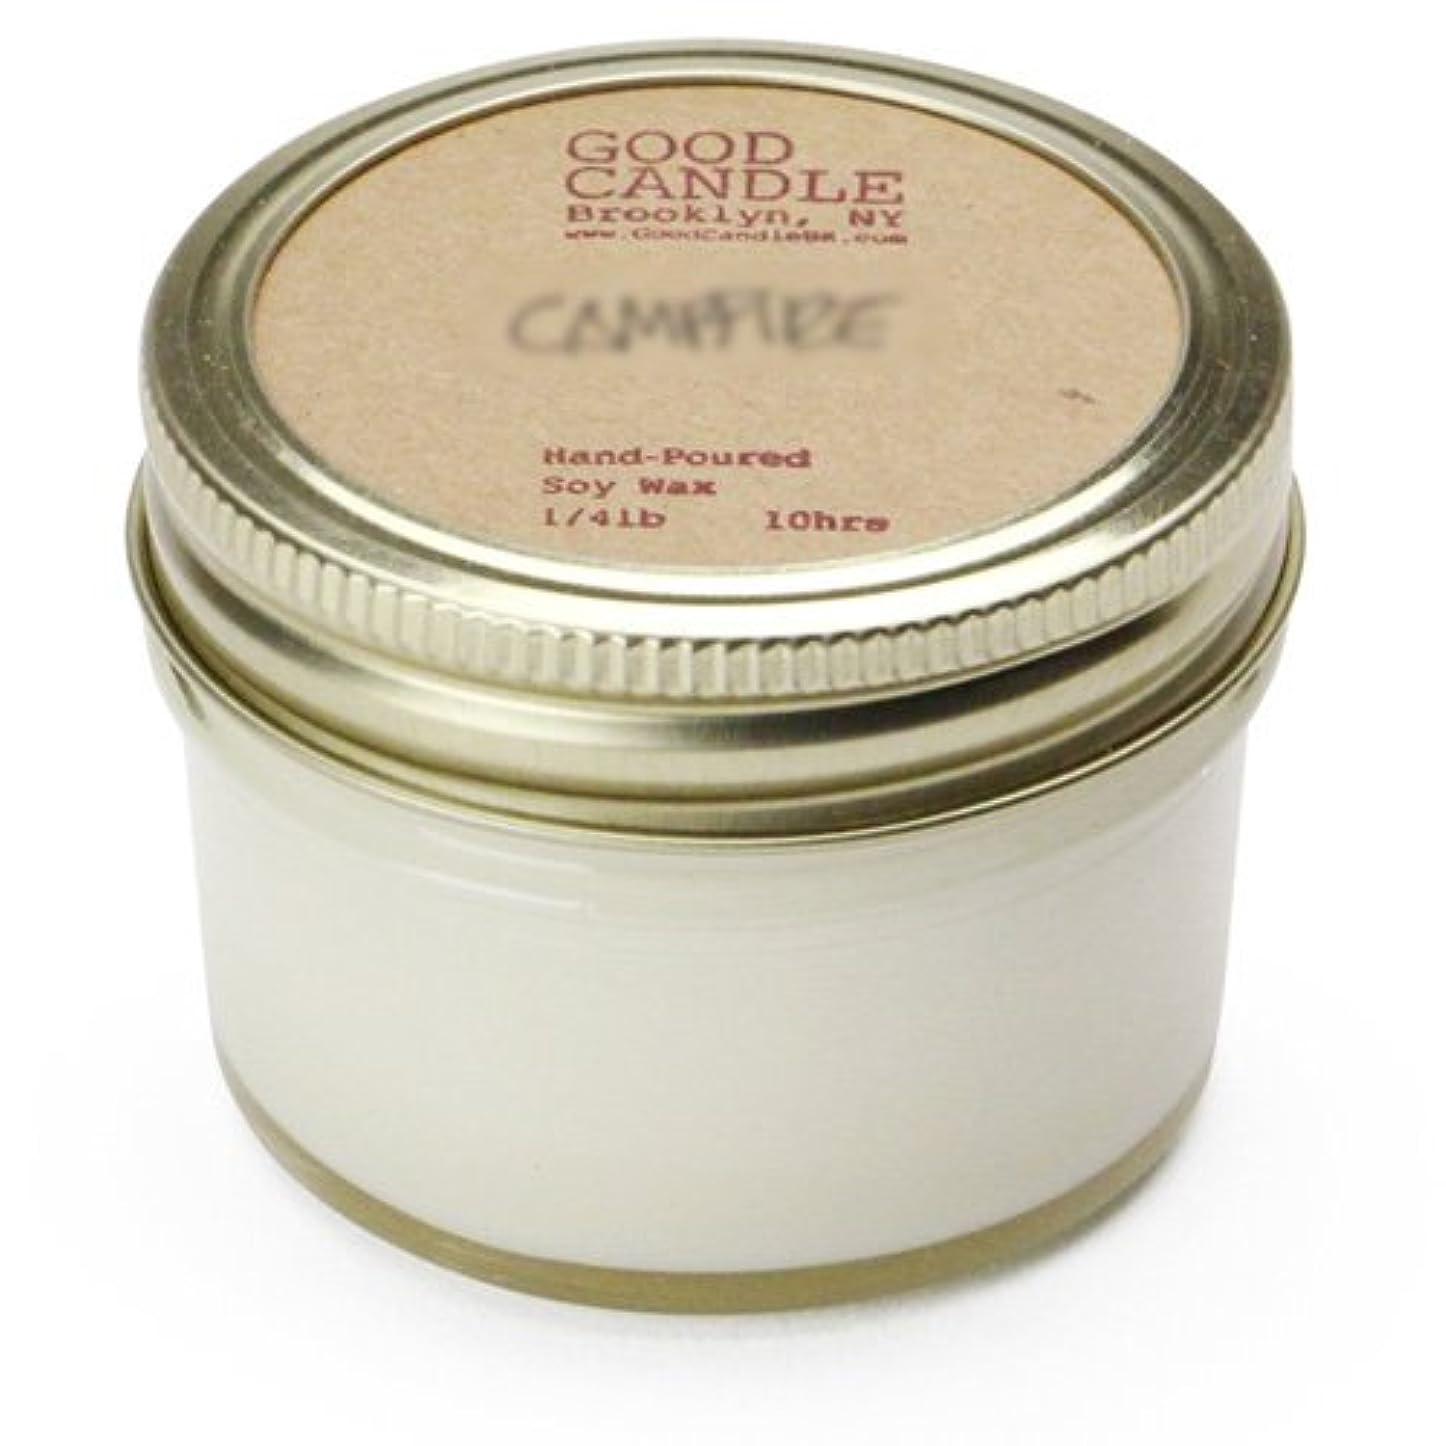 維持する区画プールグッドキャンドル 1/4ポンド ゼリージャー キャンドル Good Candle 1/4LB Jelly jar candle [ Rose ] 正規品